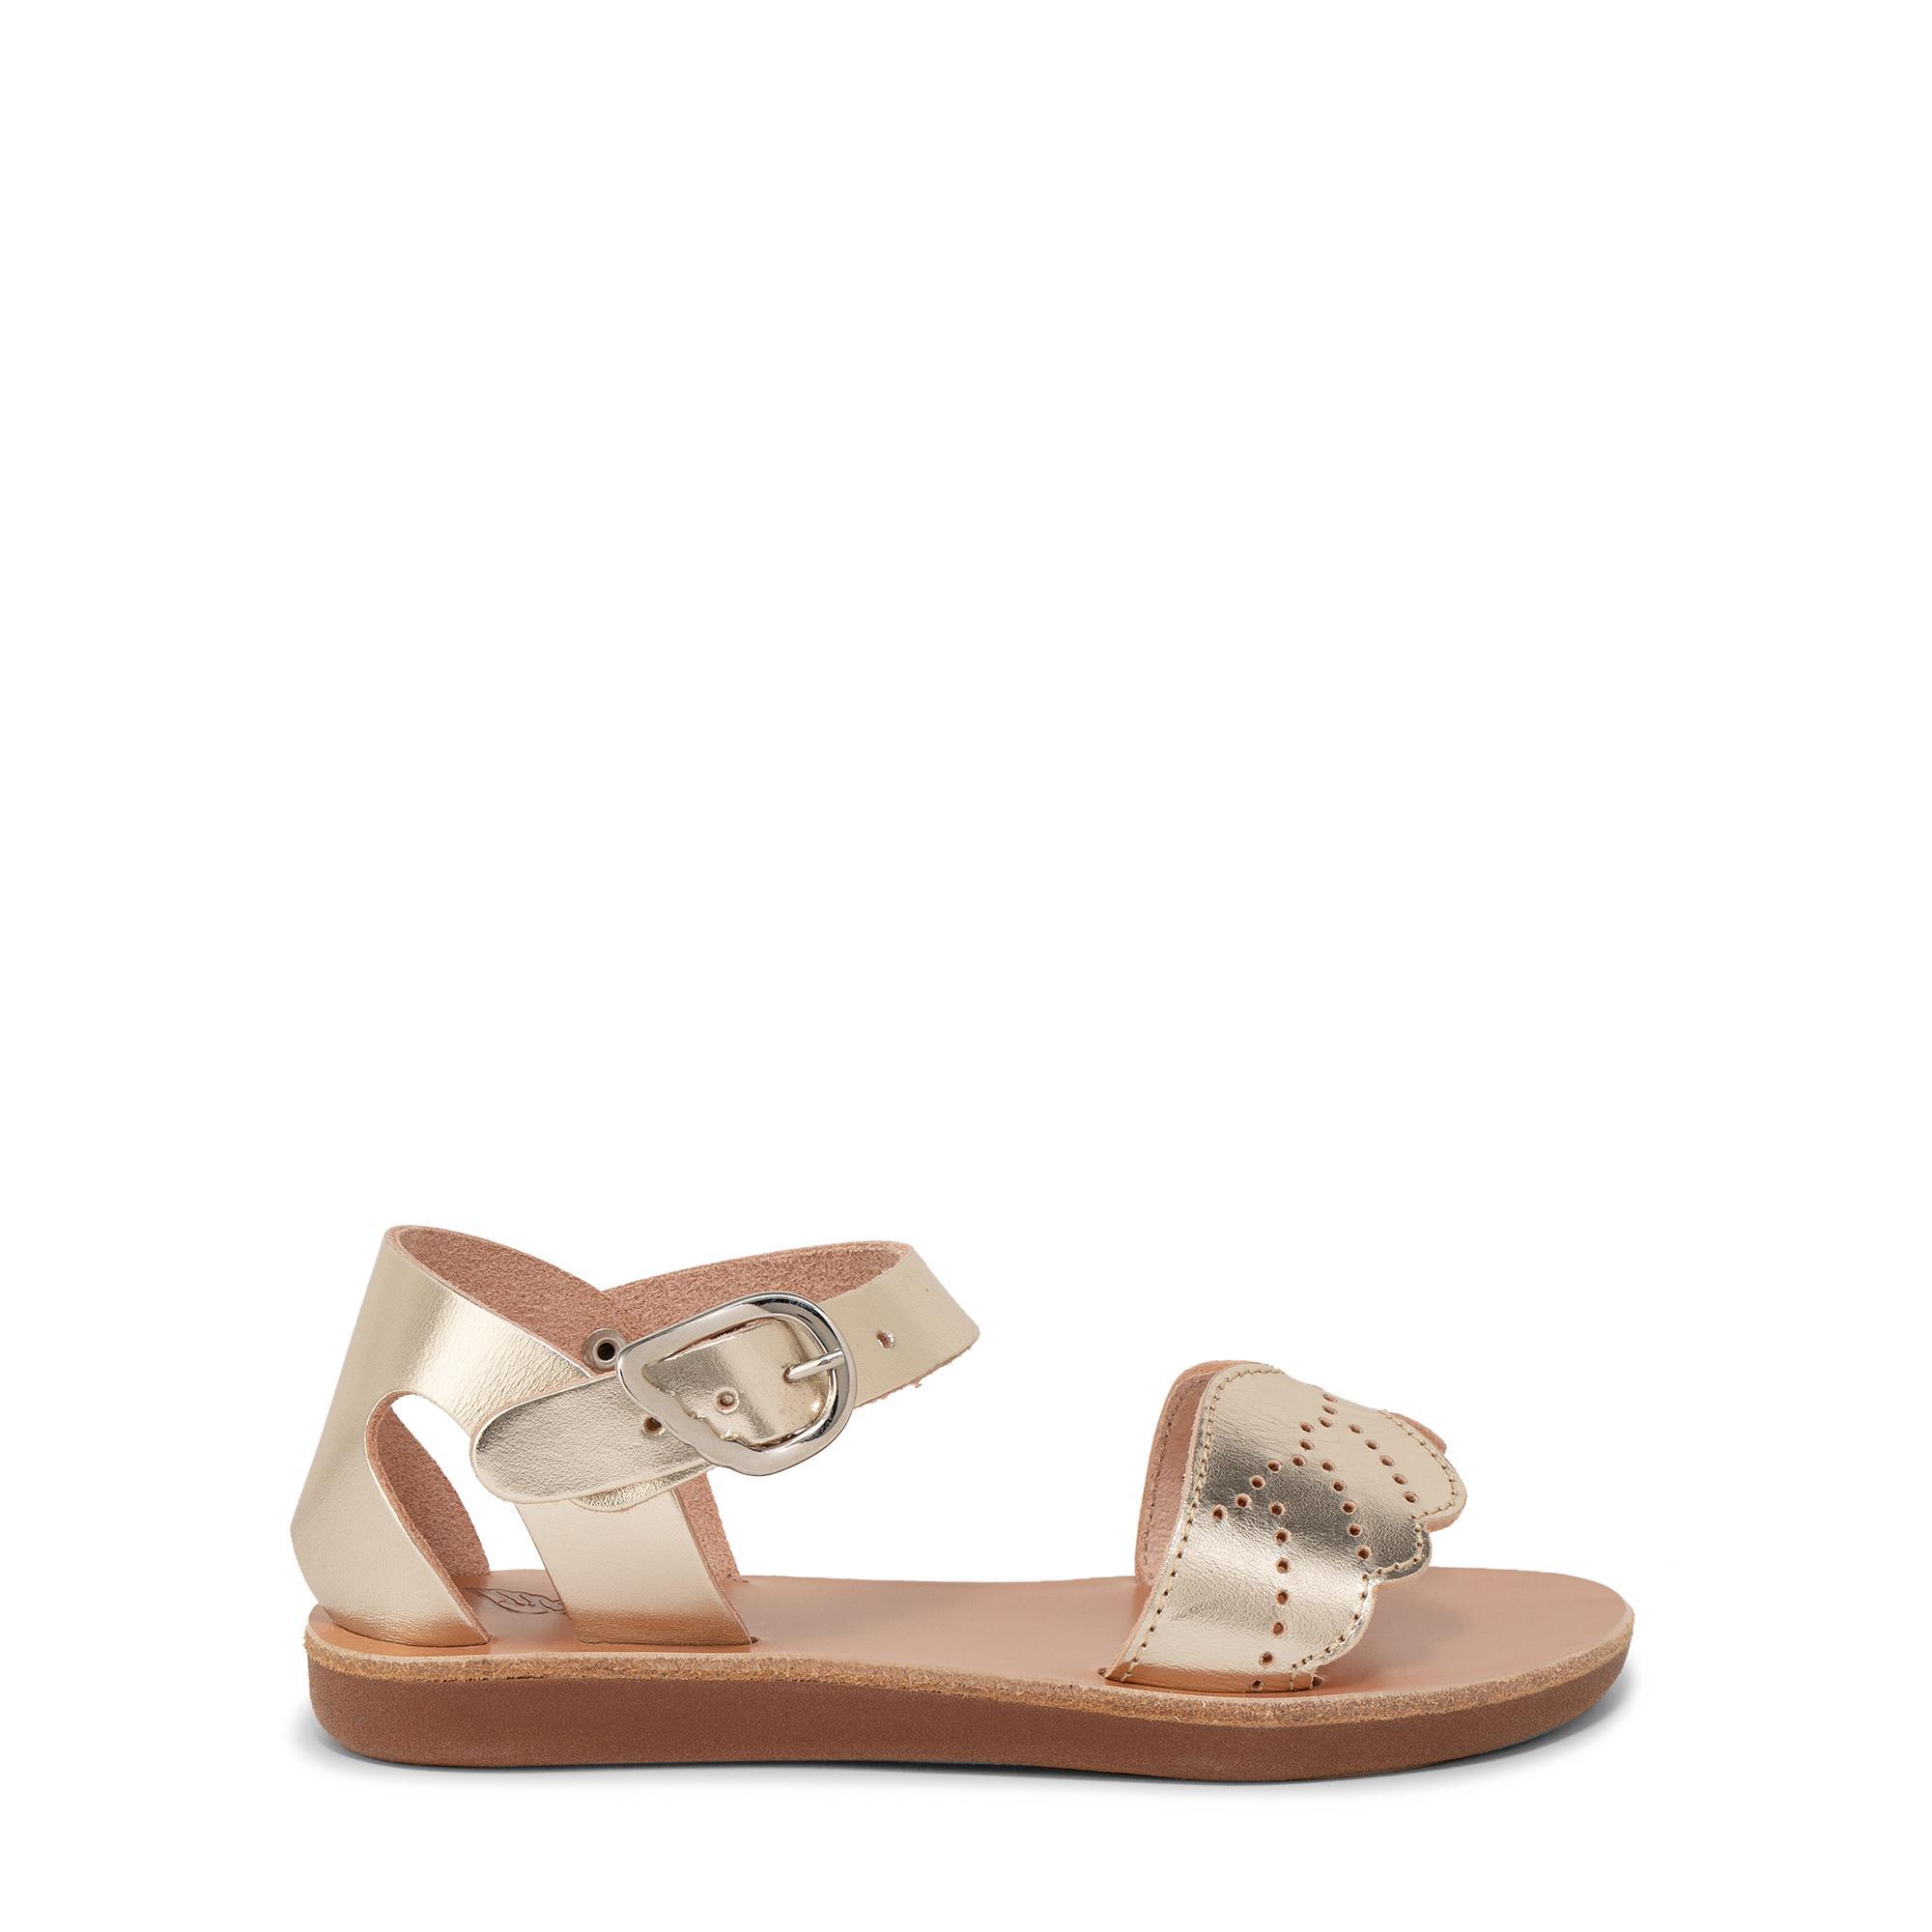 Little Andromeda sandals